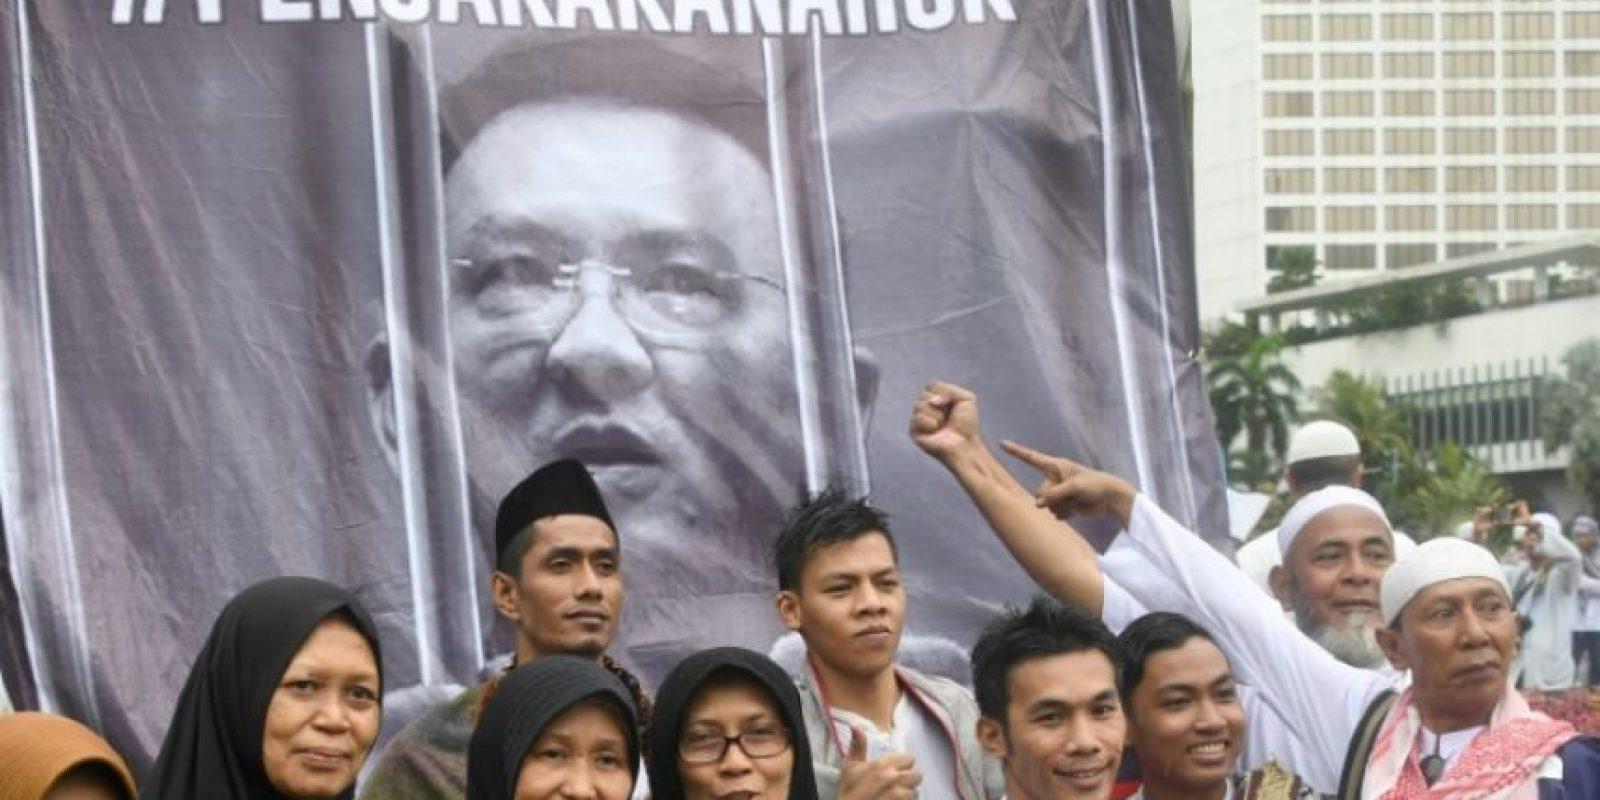 Unos indonesios posan frente a un póster de Basuki Tjahaja Purnama, conocido como Ahok, tras una manifestación en contra de este gobernador, en Yakarta, el 2 de diciembre de 2016 Foto:Goh Chai Hin/afp.com